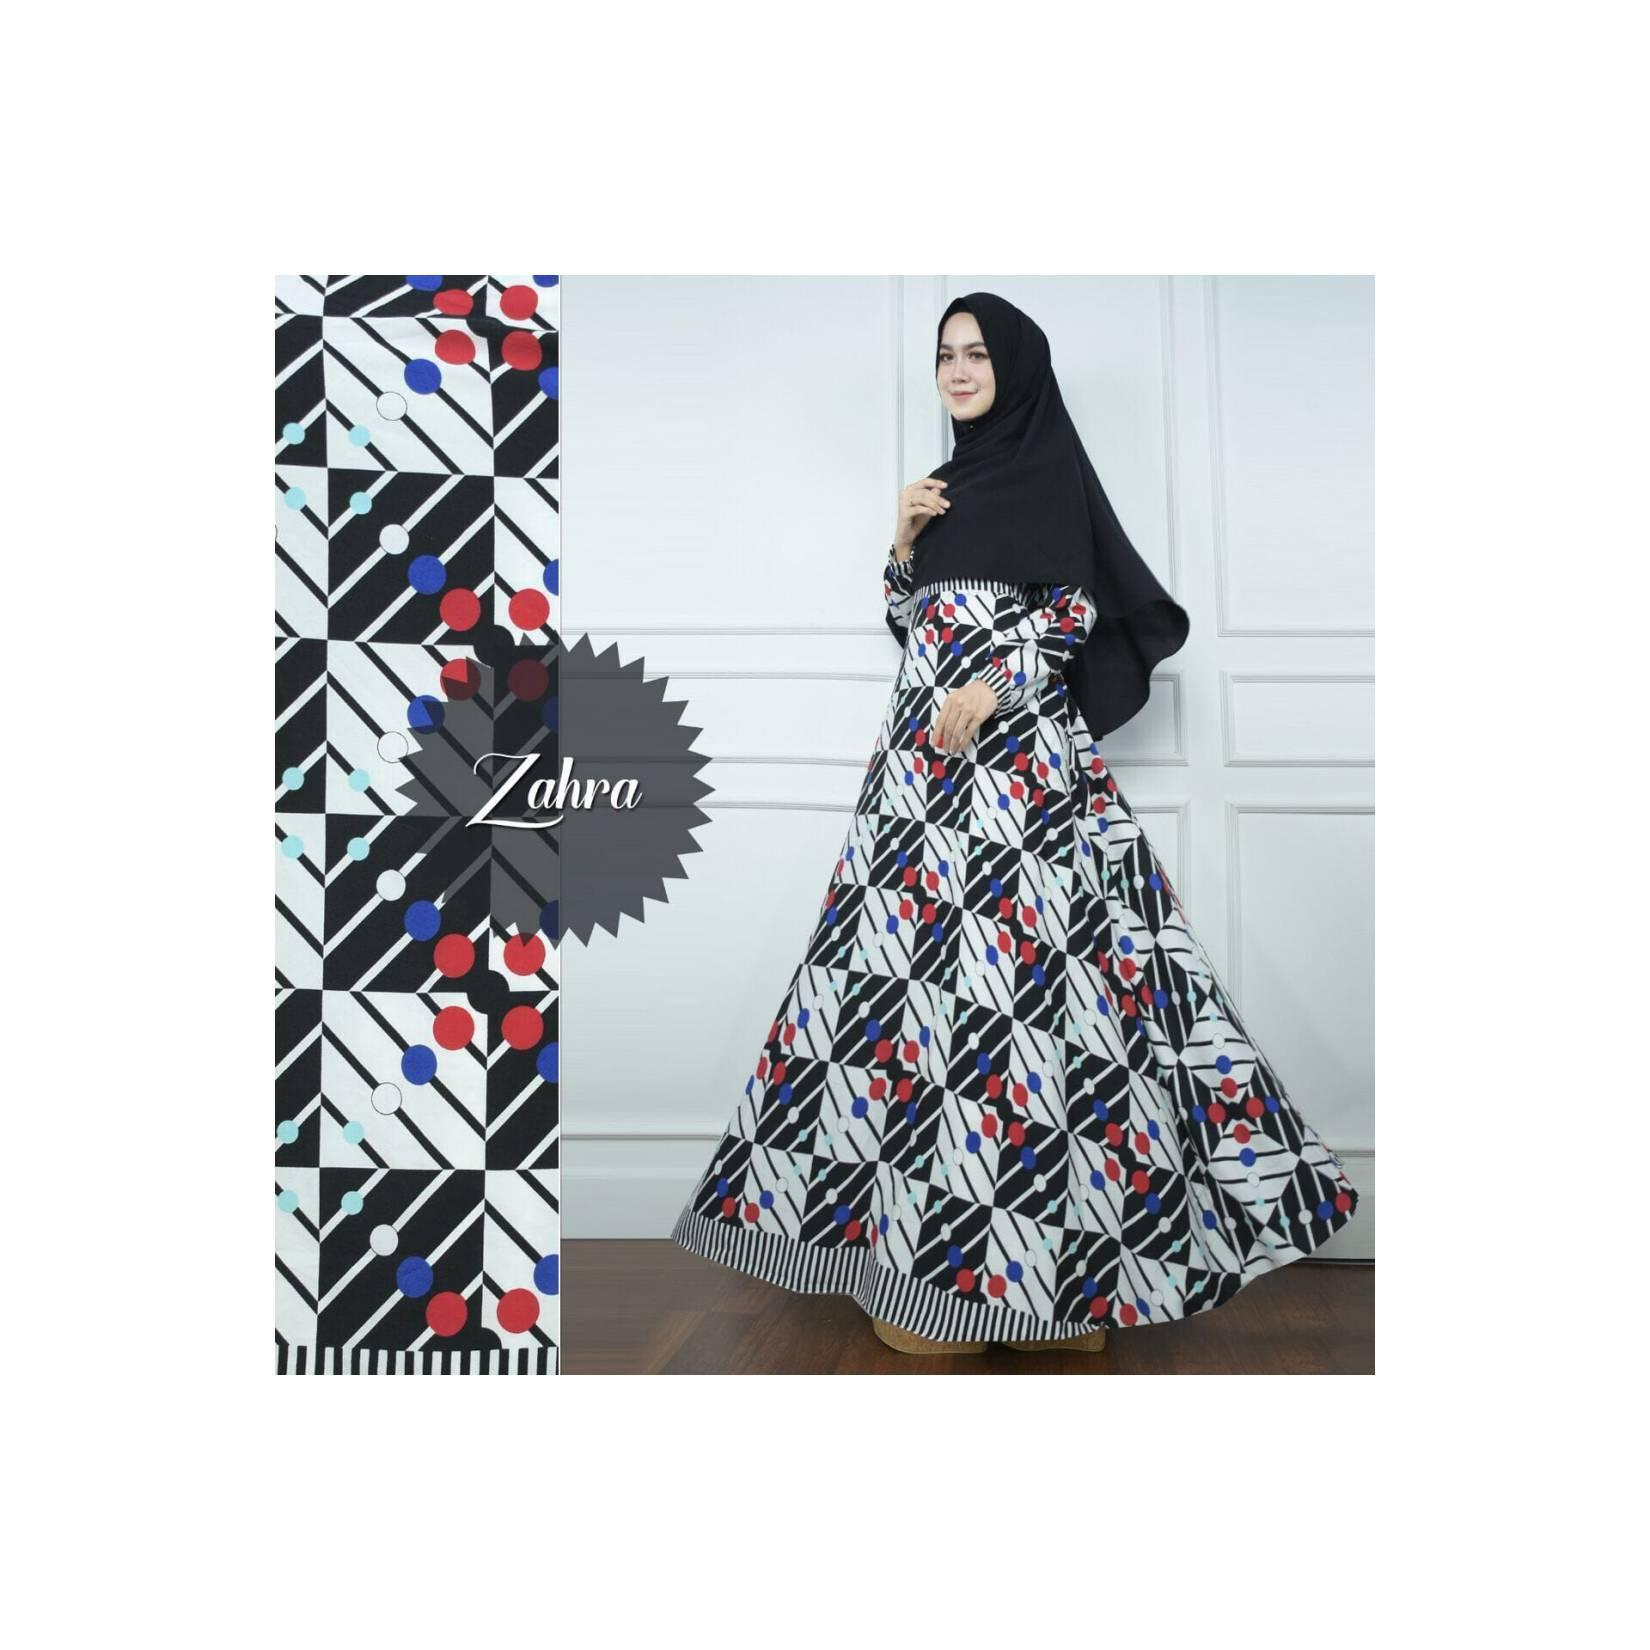 HITAM BLACK Gamis Set Zahra Kotak Polka Syari Baju Busana Muslimah